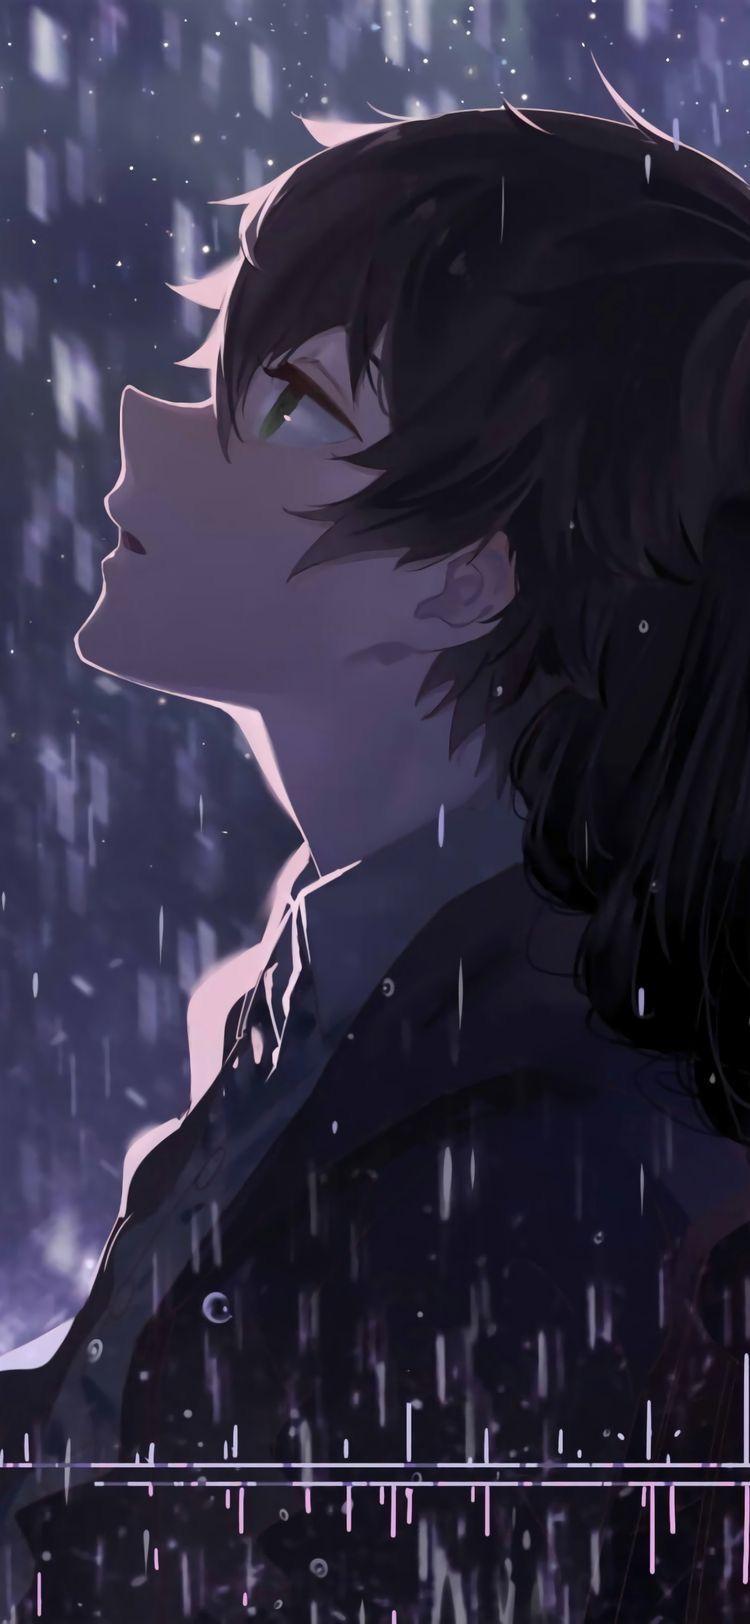 Pin Oleh Lovelybeky Di Photography Ilustrasi Lukisan Gambar Anime Gambar Karakter